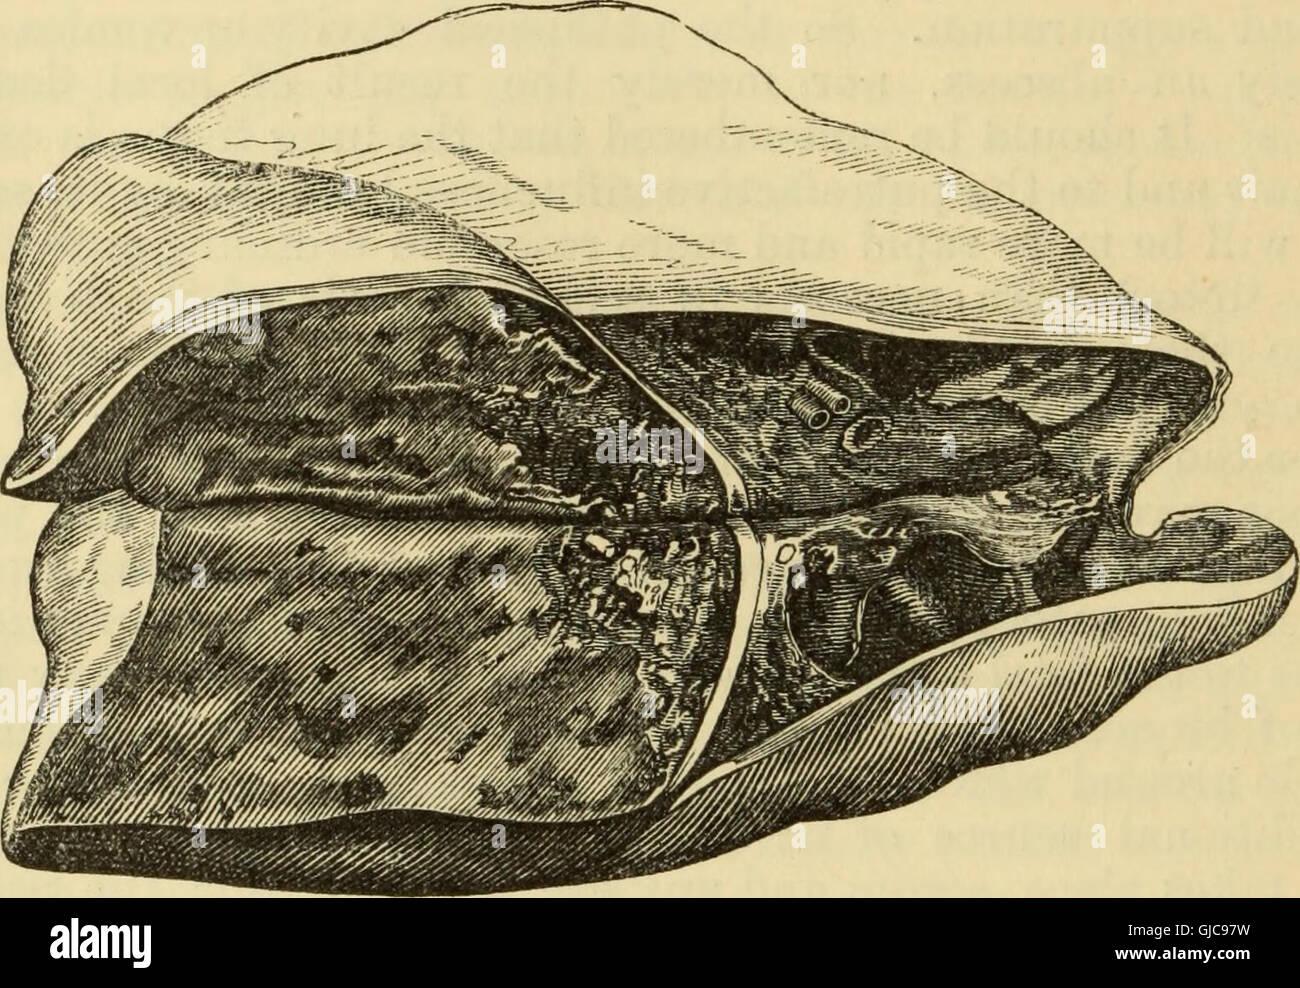 Manual of pathological anatomy (1875) - Stock Image